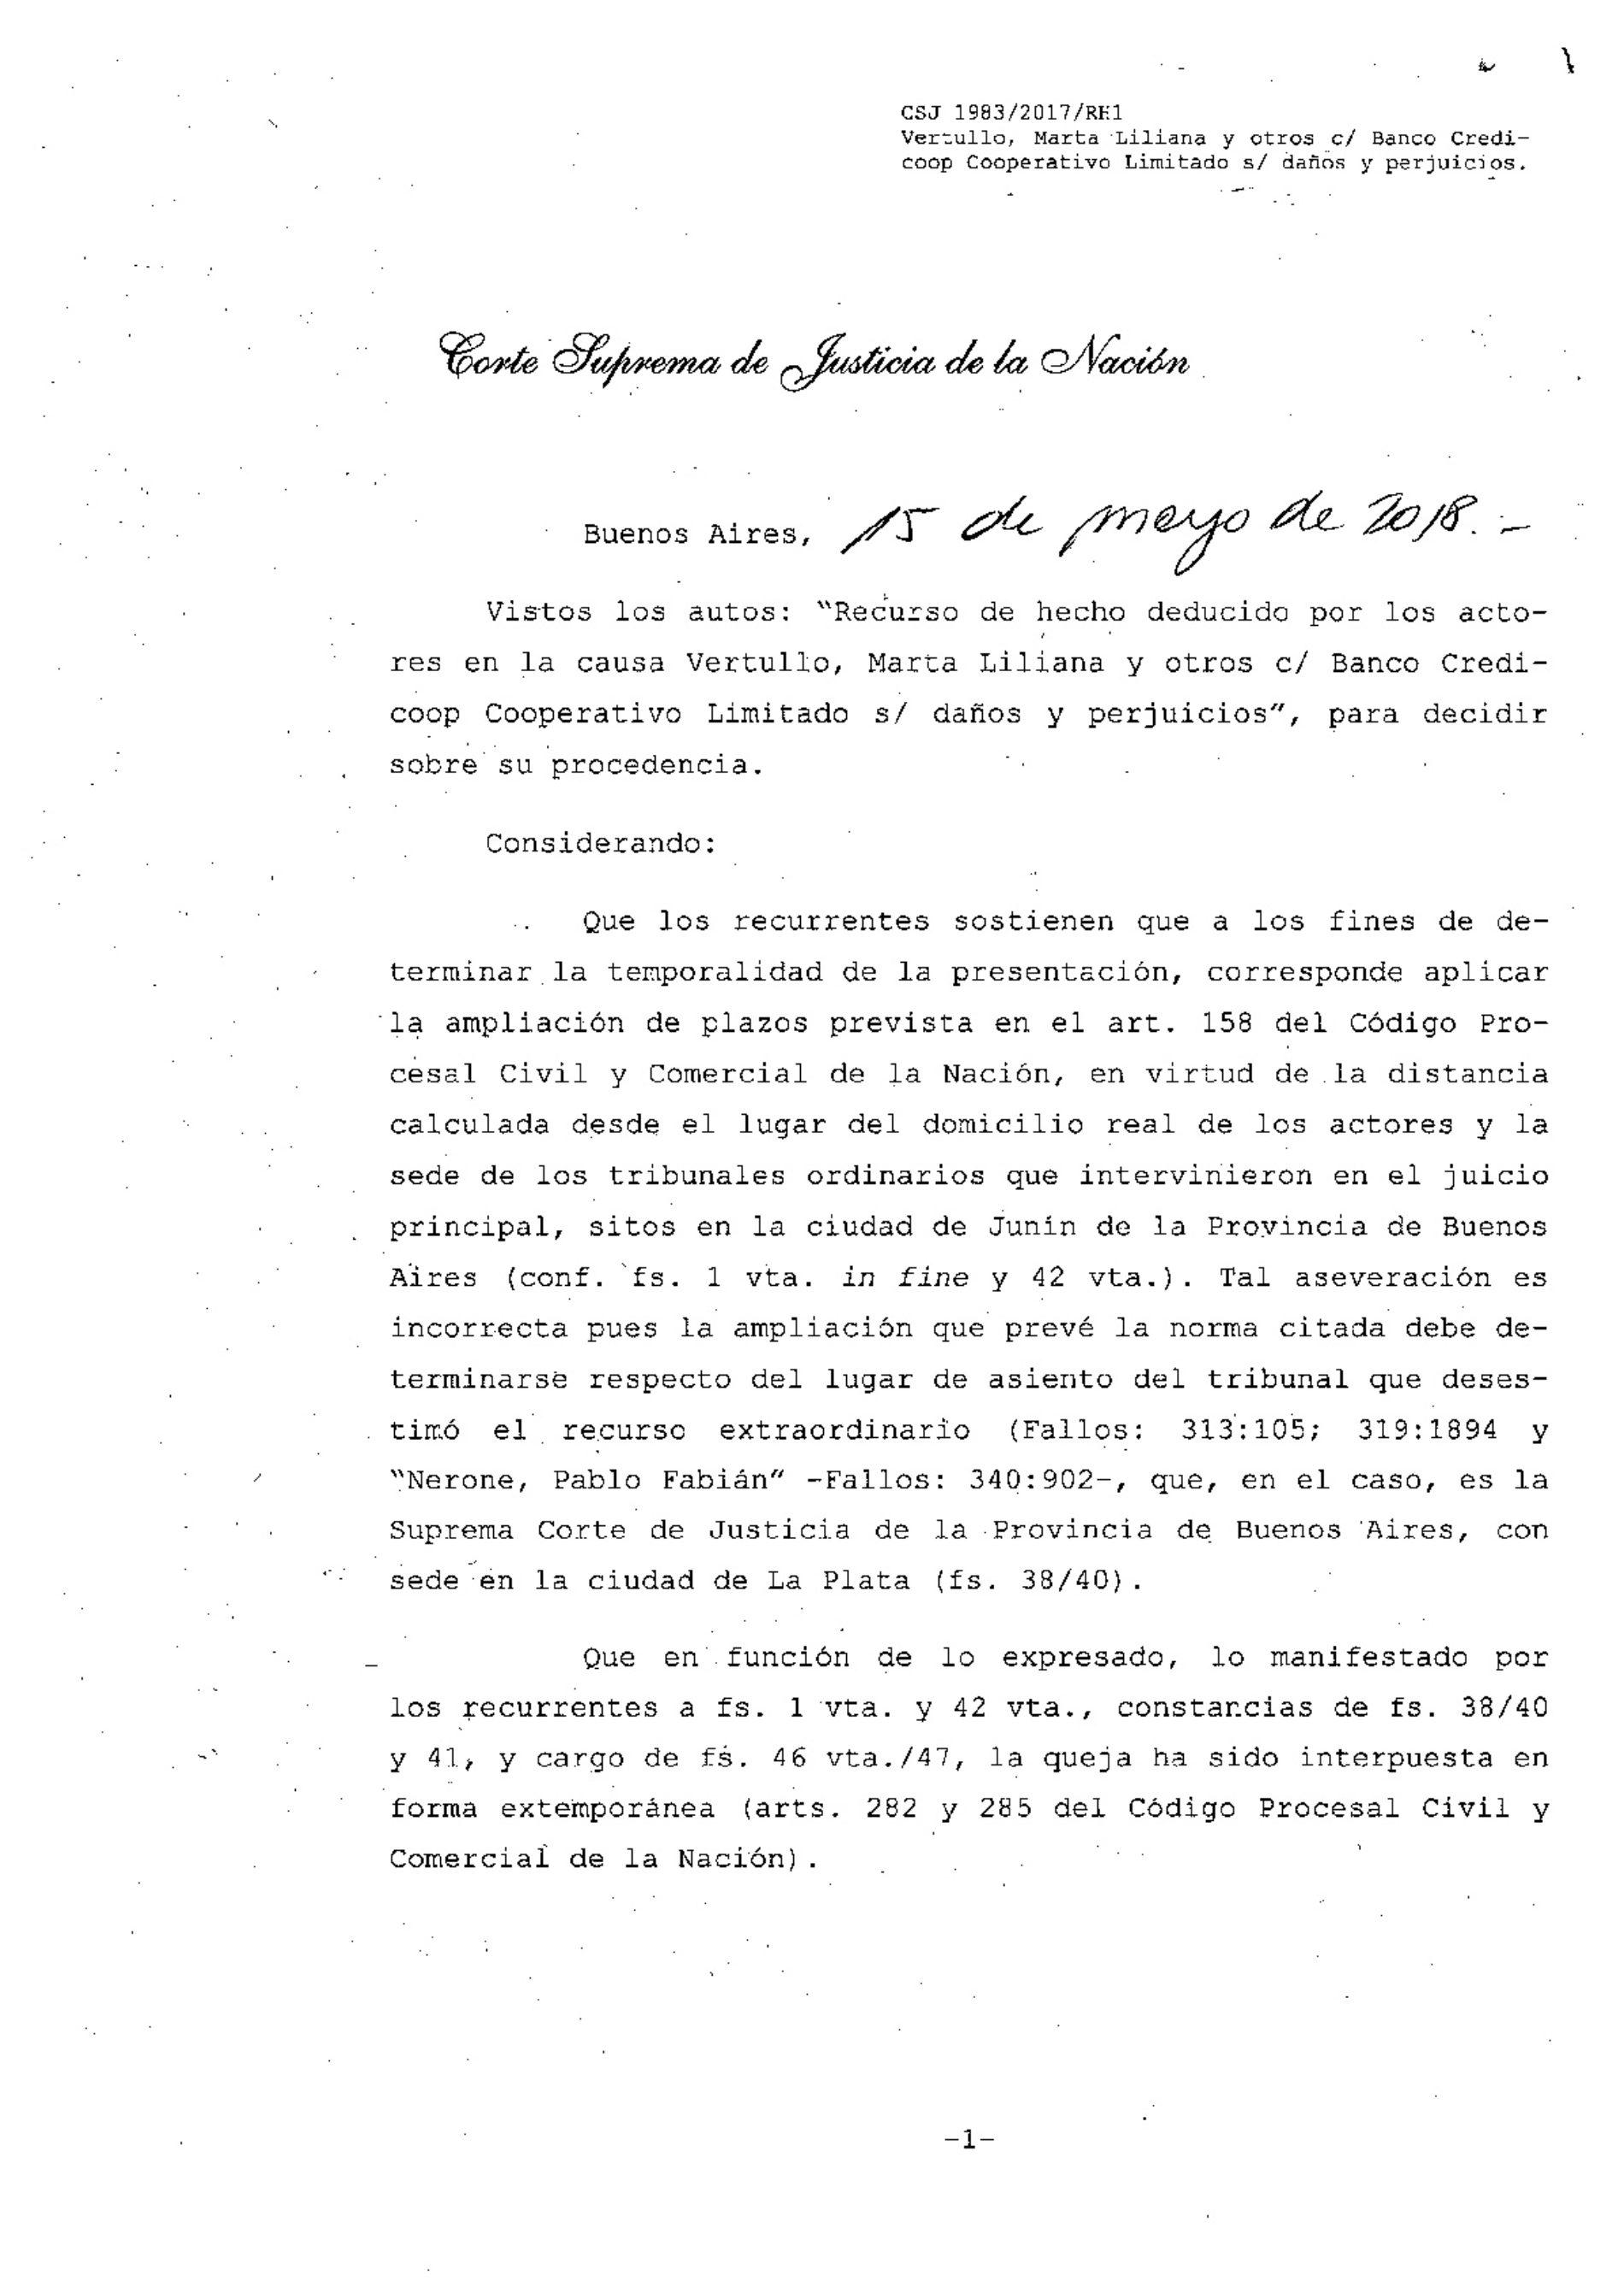 «Fallo de la Corte Suprema de Justicia de la Nación: s/ Recurso Extraordinario.»